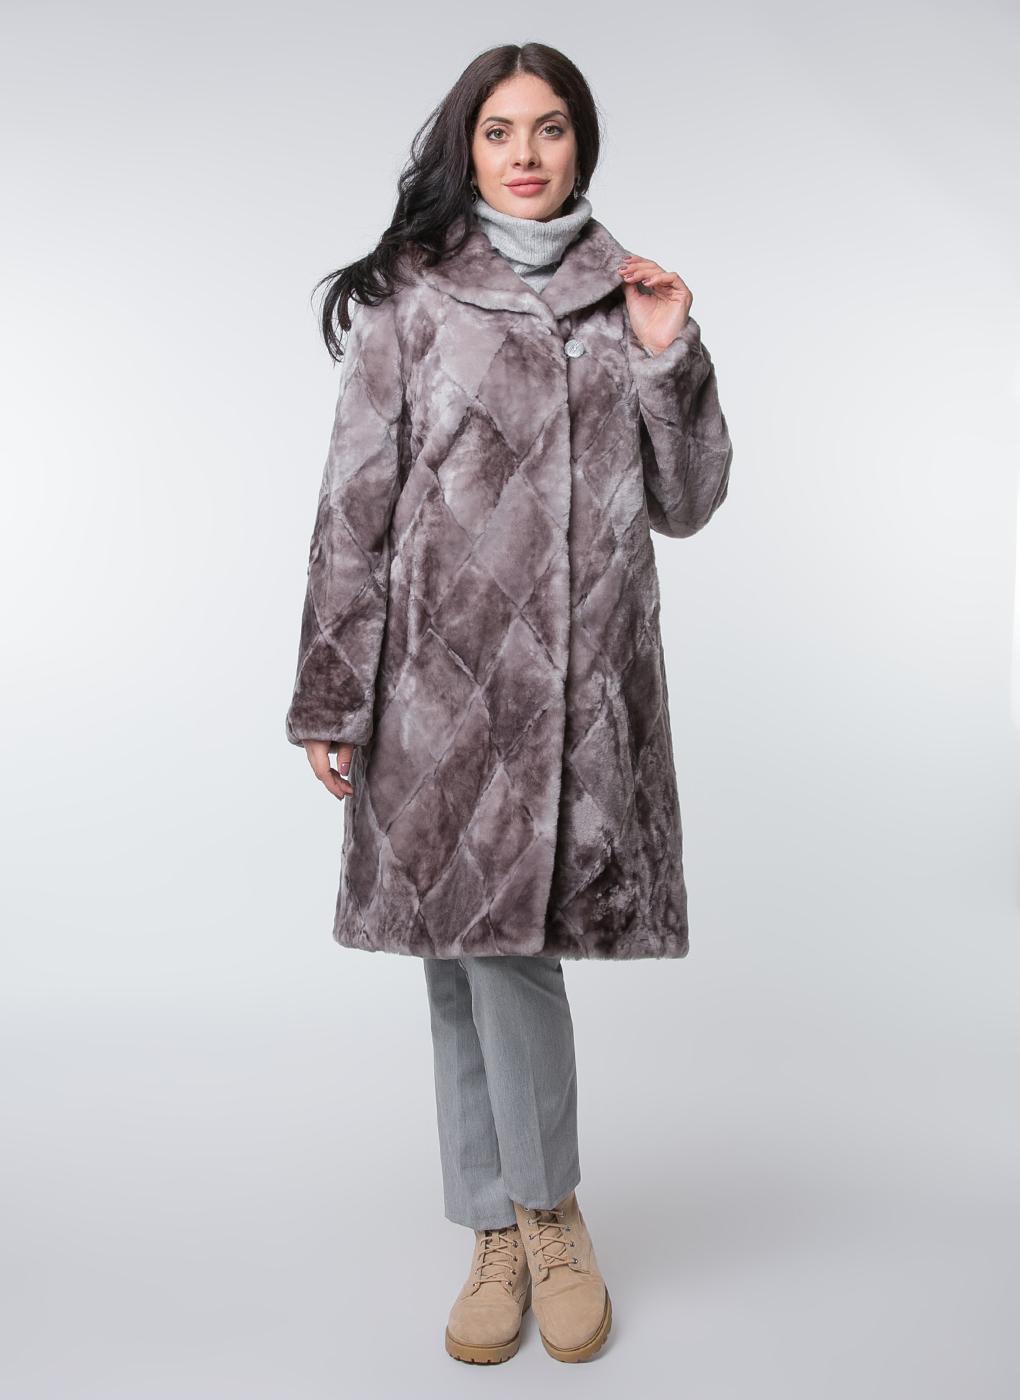 Пальто прямое из овчины 04, Dzhanbekoff